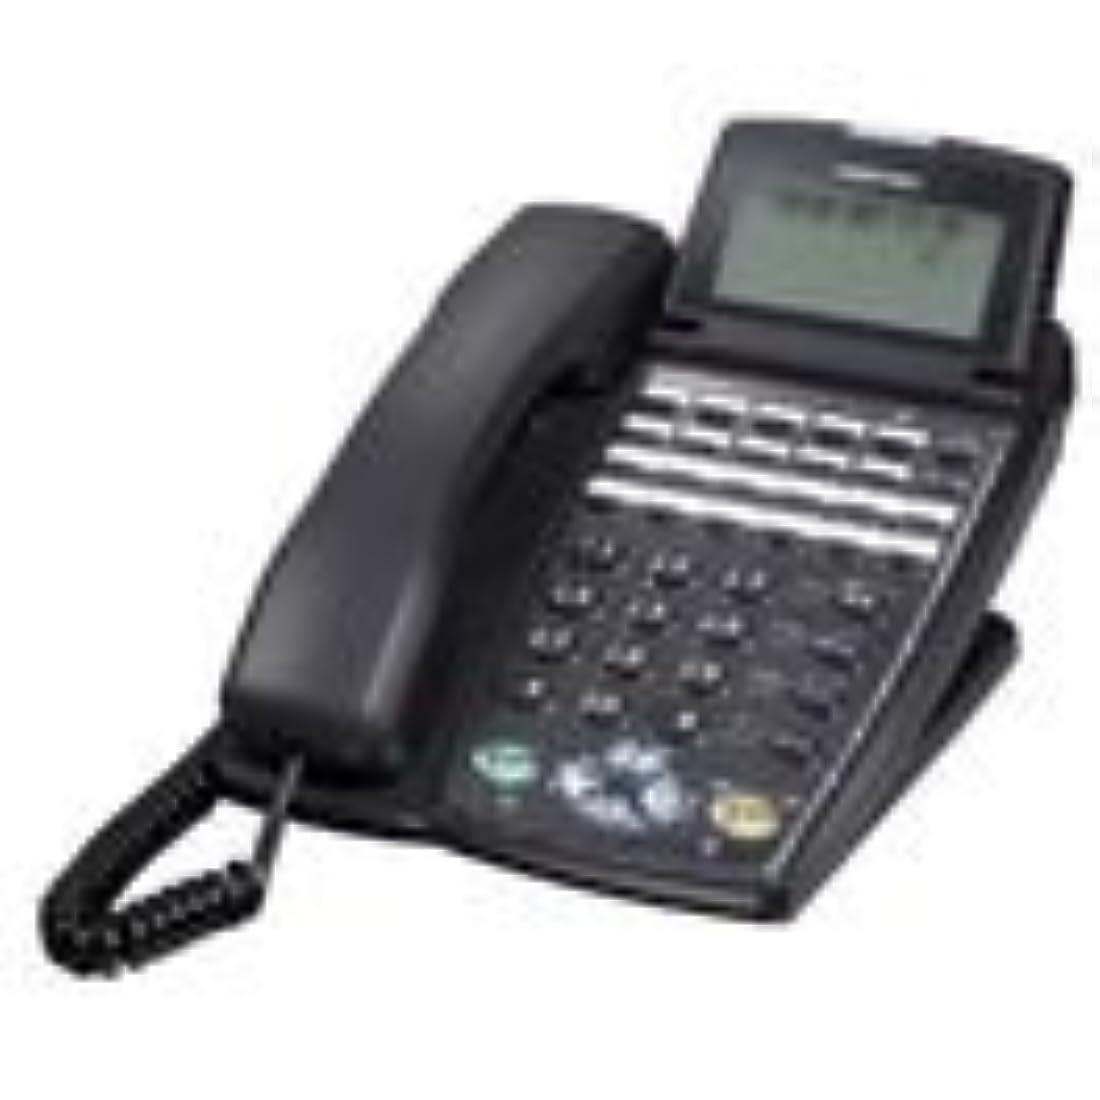 日光成り立つ一般的にIWATSU TELEMORE(テレモア)EX WX-12KTX-EX 電話機 黒 岩崎通信機